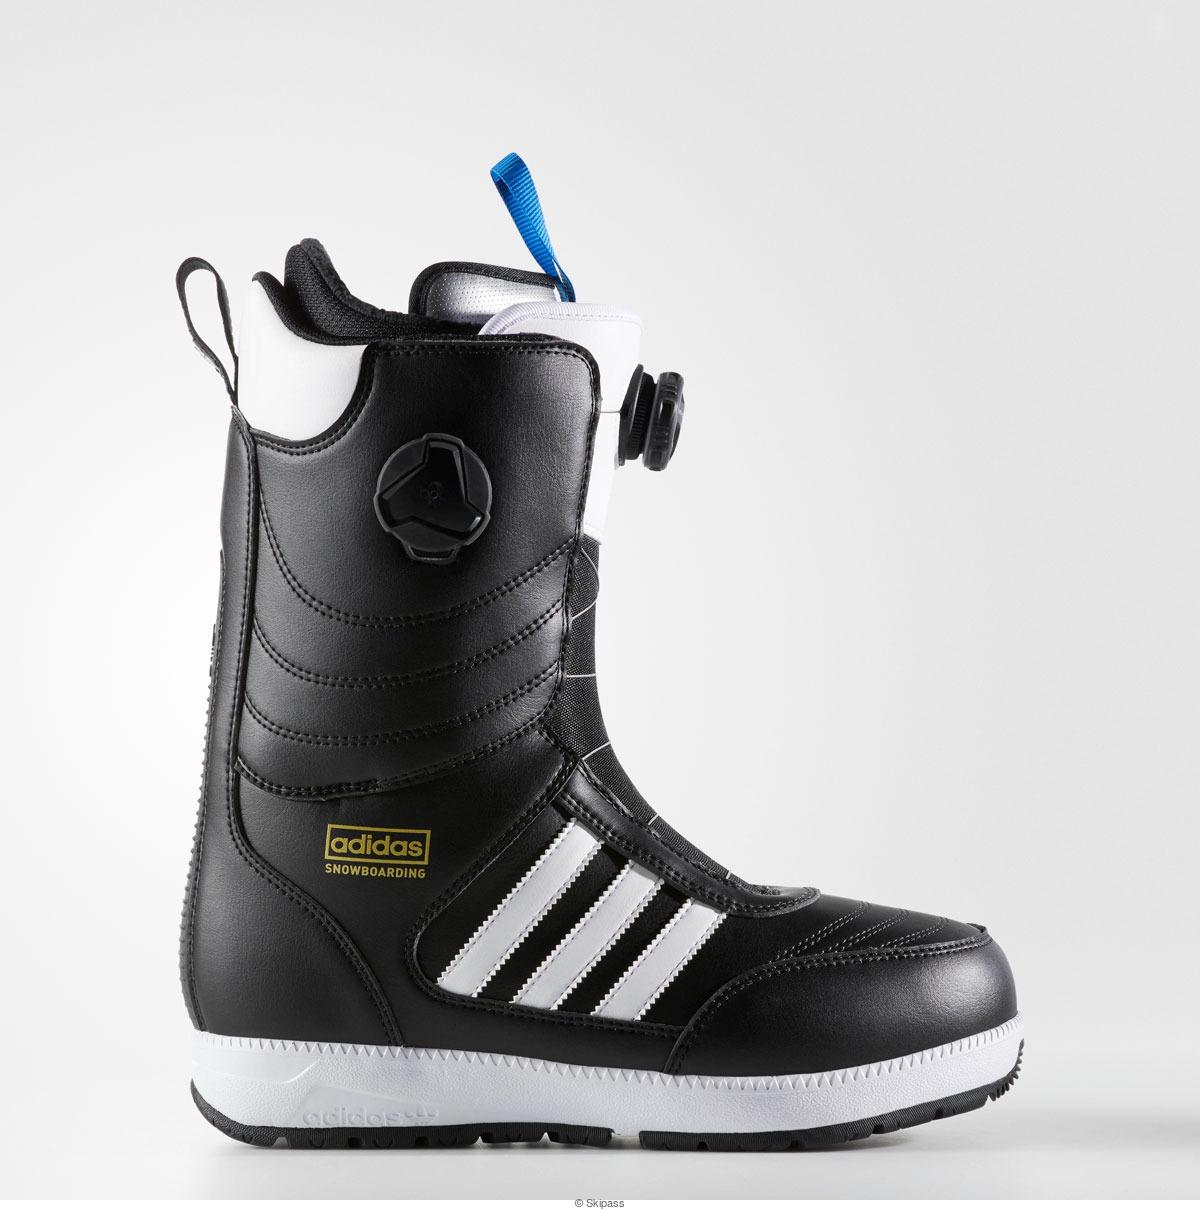 adidas response bottes 3 review